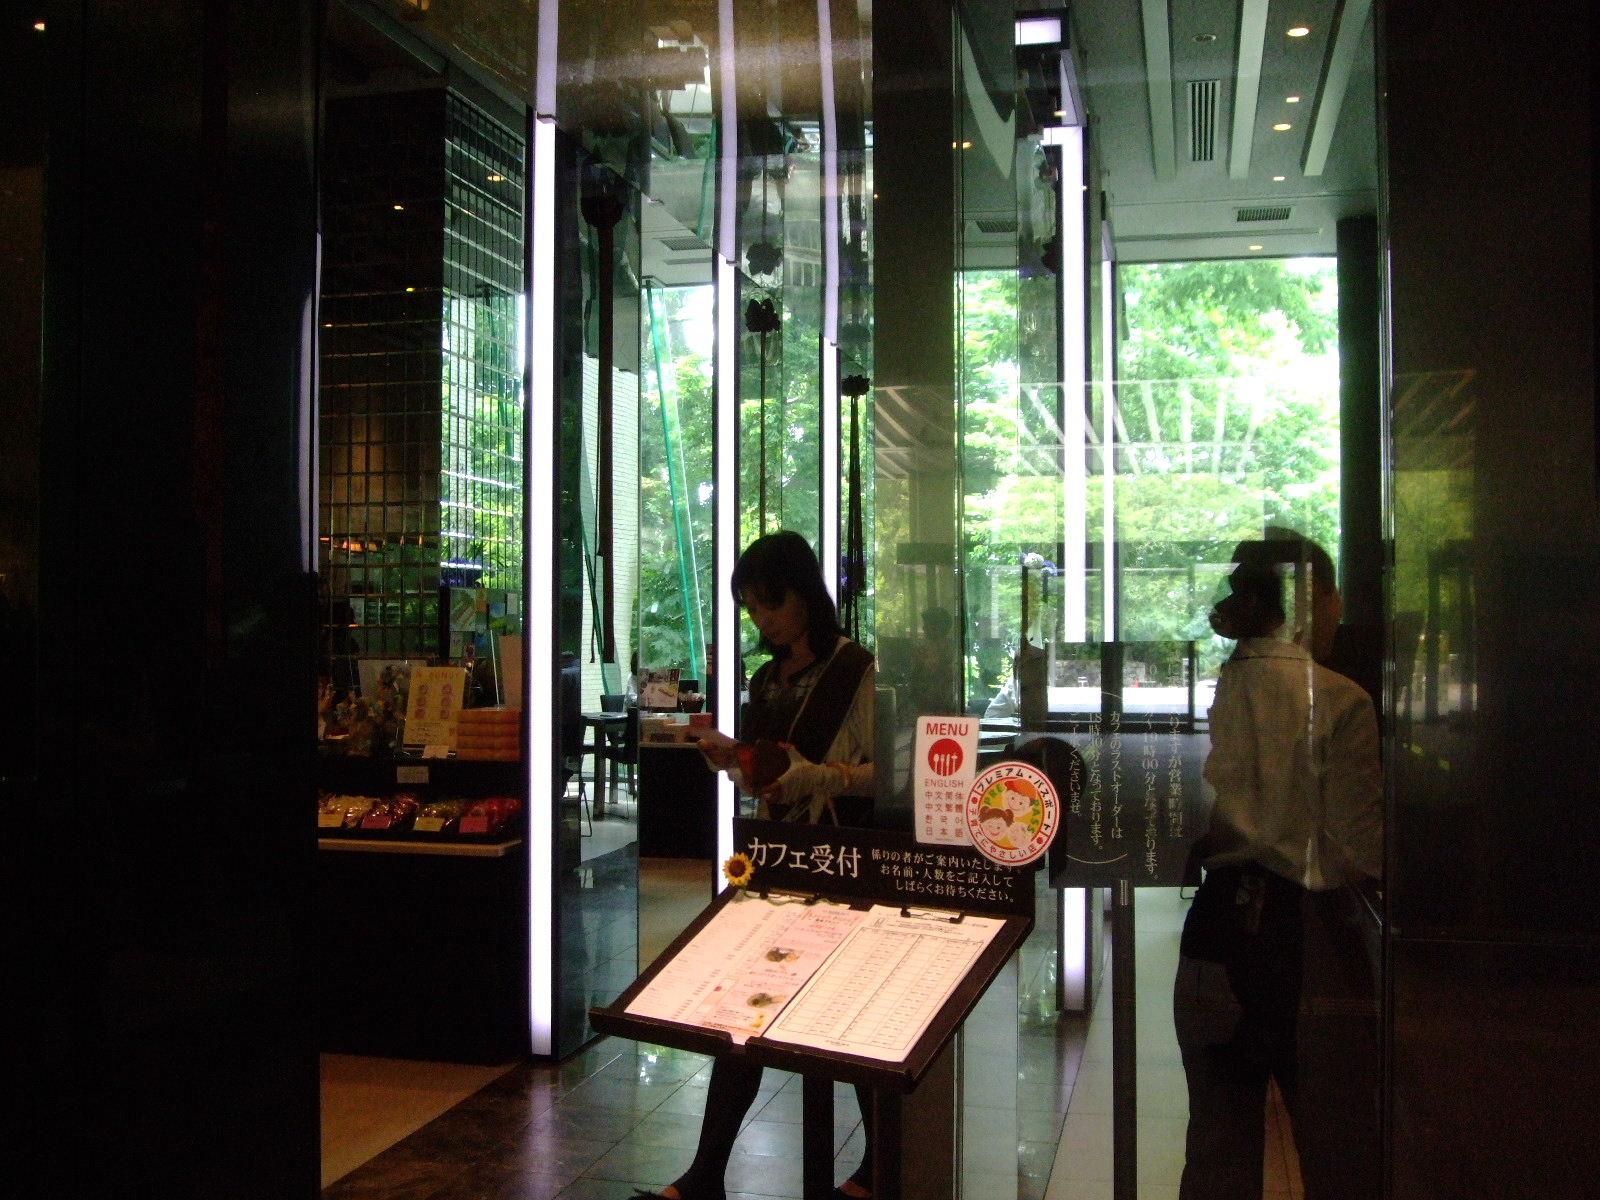 第1話 金沢はまず近江町市場で食し、石川県立美術館のカフェでのんびり_f0100593_16491797.jpg